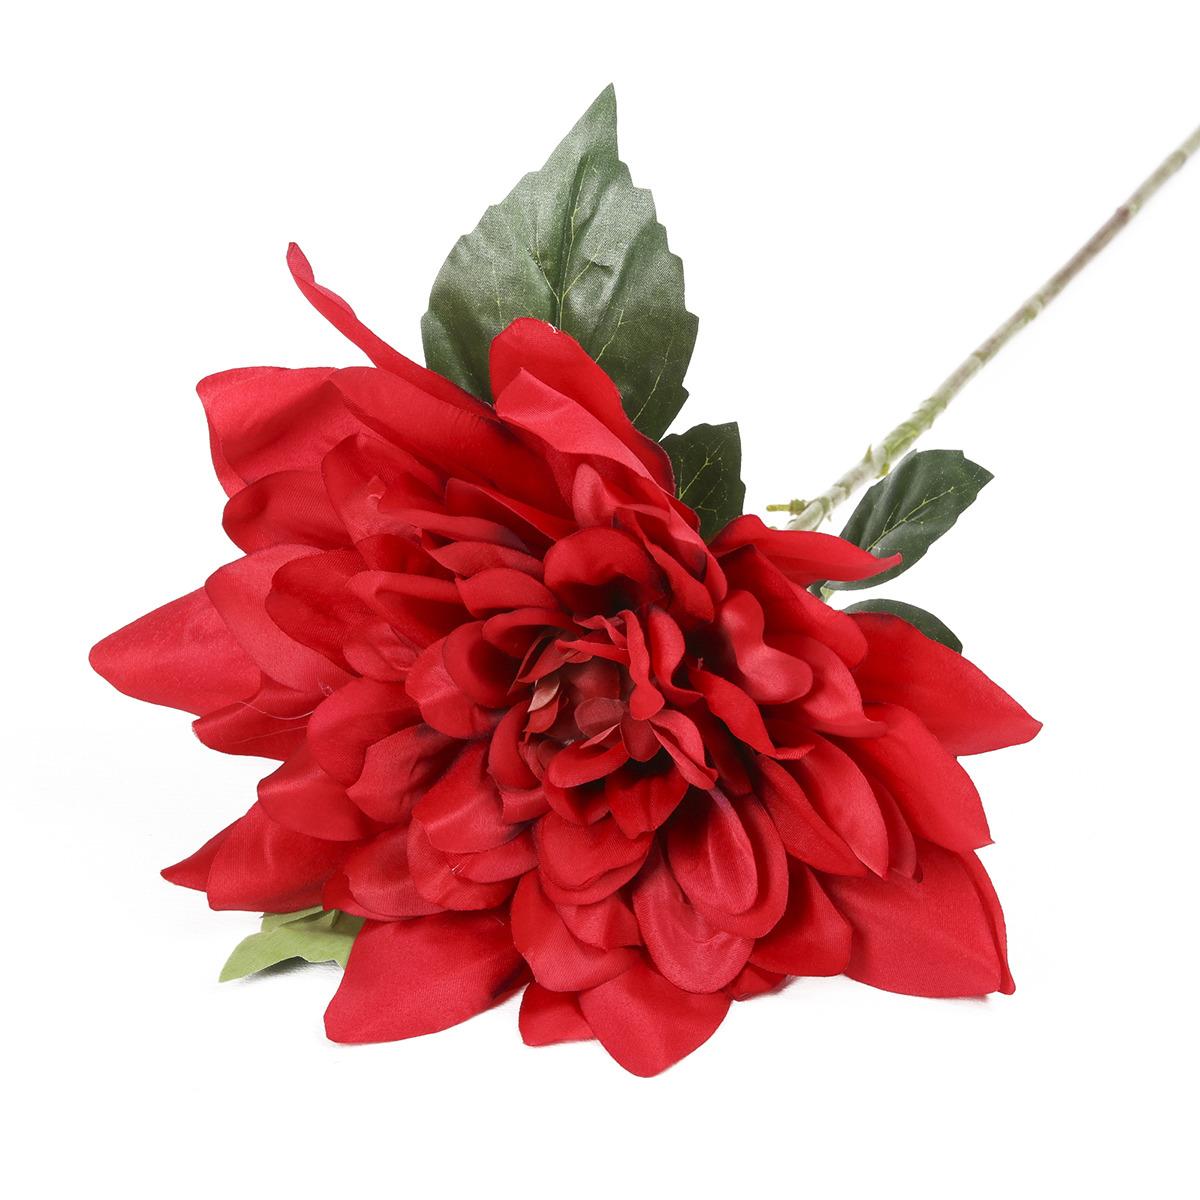 Искусственные цветы Астра люкс, 3544337, бордовый, 70 см